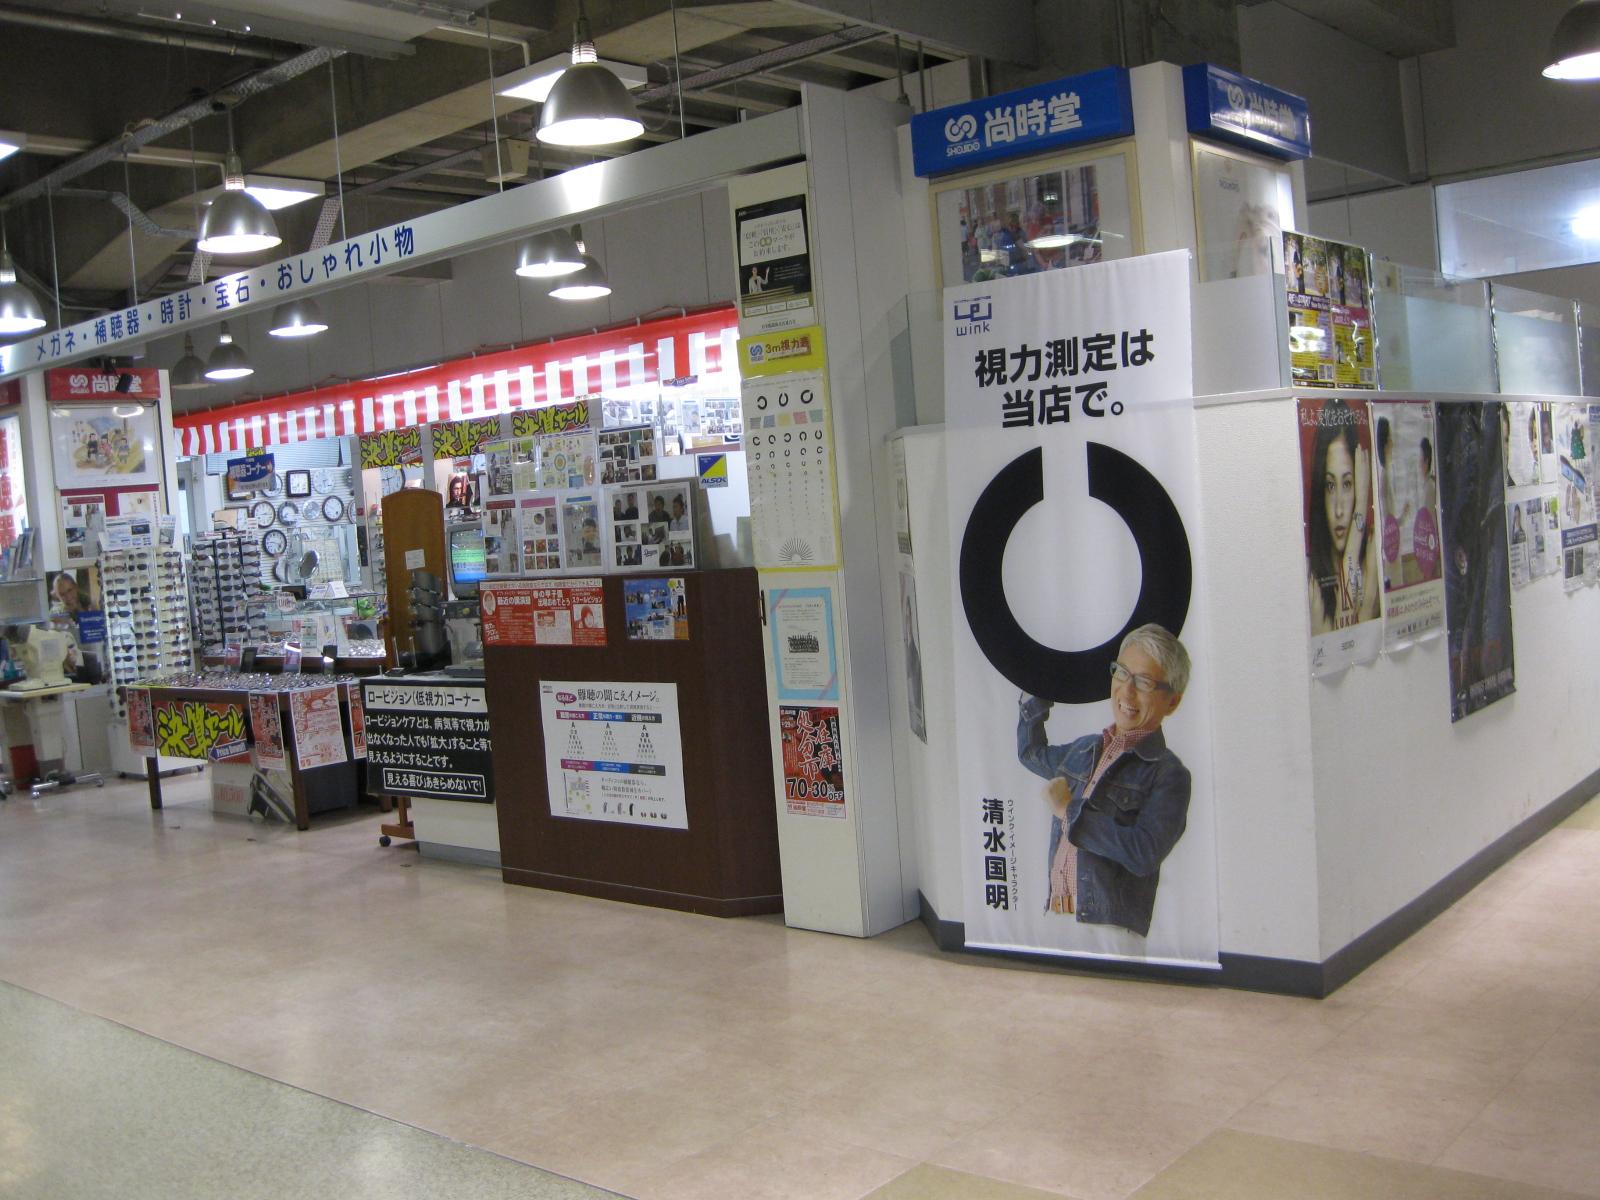 メガネ・時計・宝石の尚時堂(マックスバリュ店)